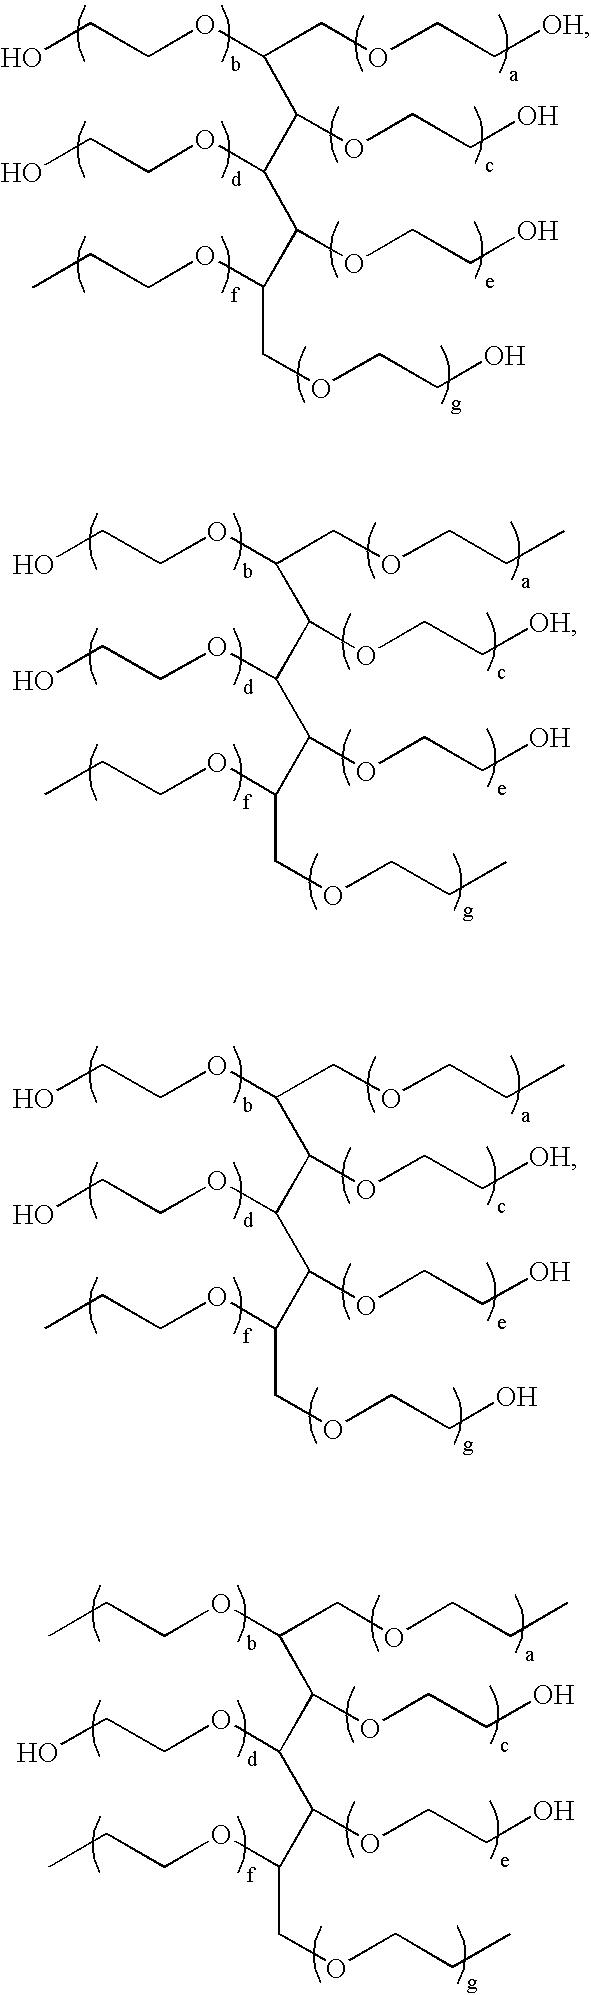 Figure US07202883-20070410-C00002